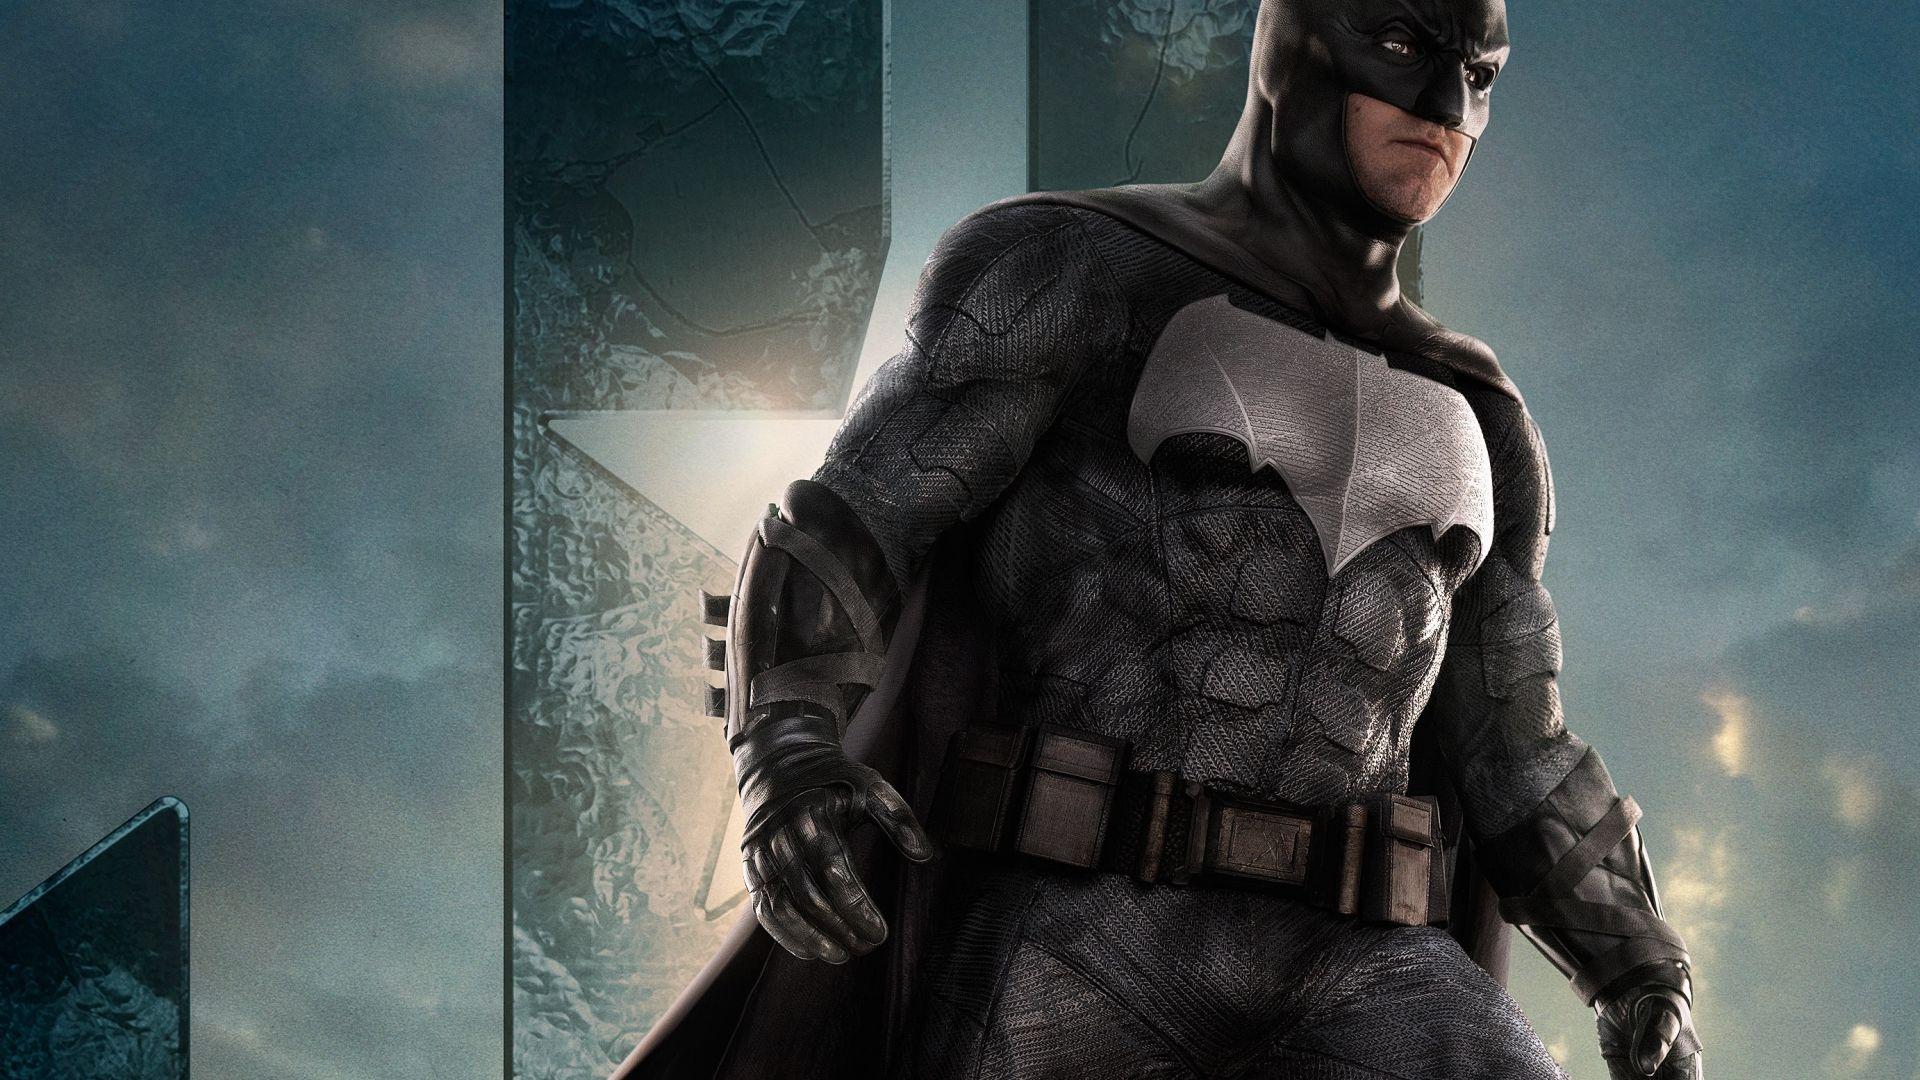 Desktop wallpaper batman ben affleck justice league - Ben affleck batman wallpaper ...